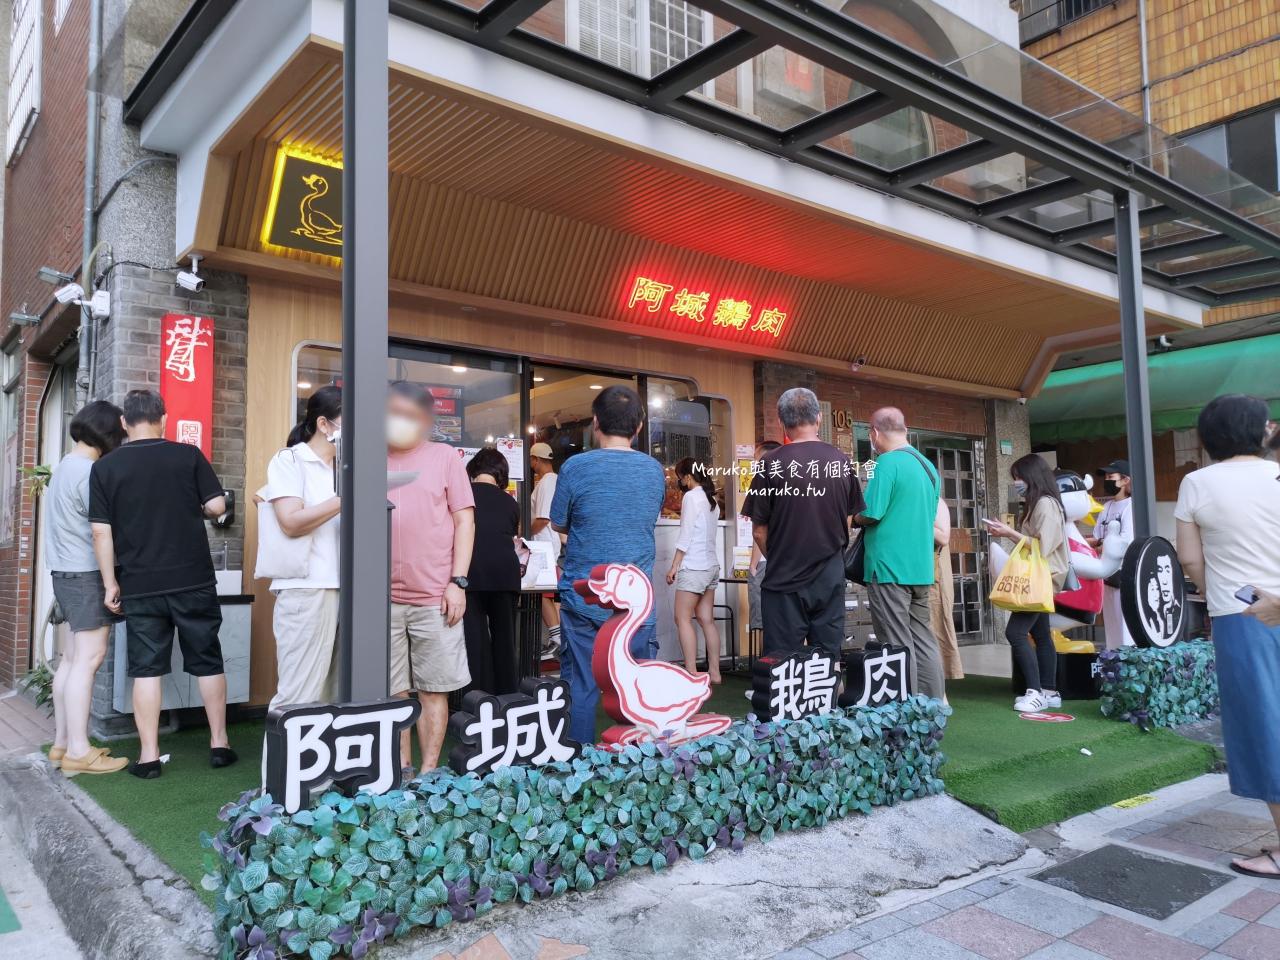 【台北】阿城鵝肉 煙燻鵝肉鮮嫩多汁 米其林推薦的台灣小吃 @Maruko與美食有個約會